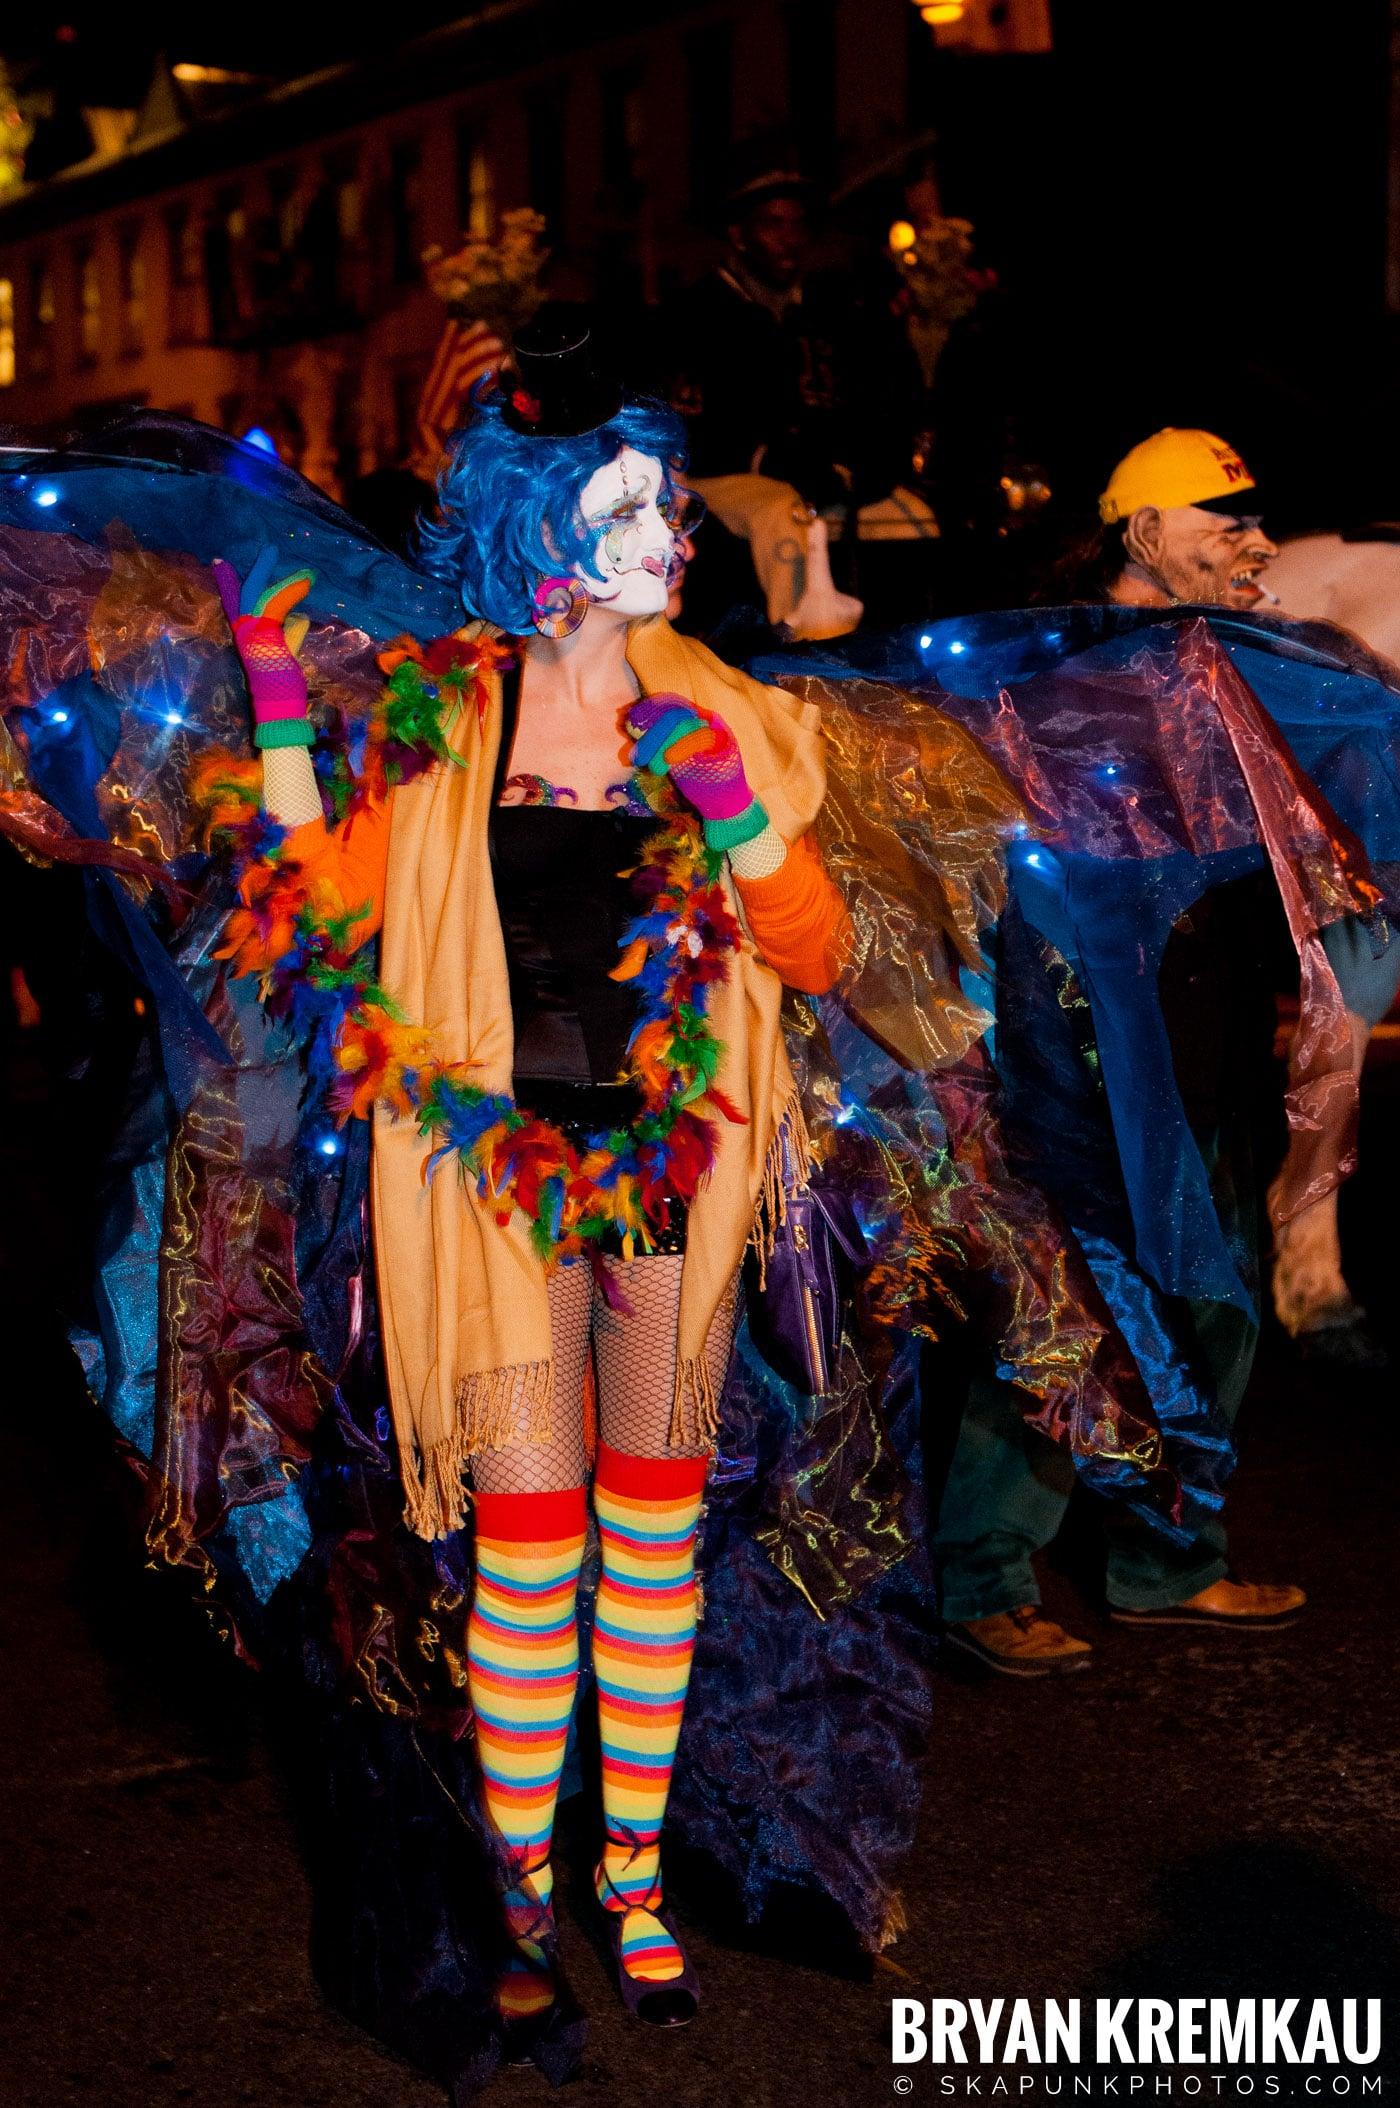 NYC Halloween Parade 2011 @ New York, NY - 10.31.11 (88)